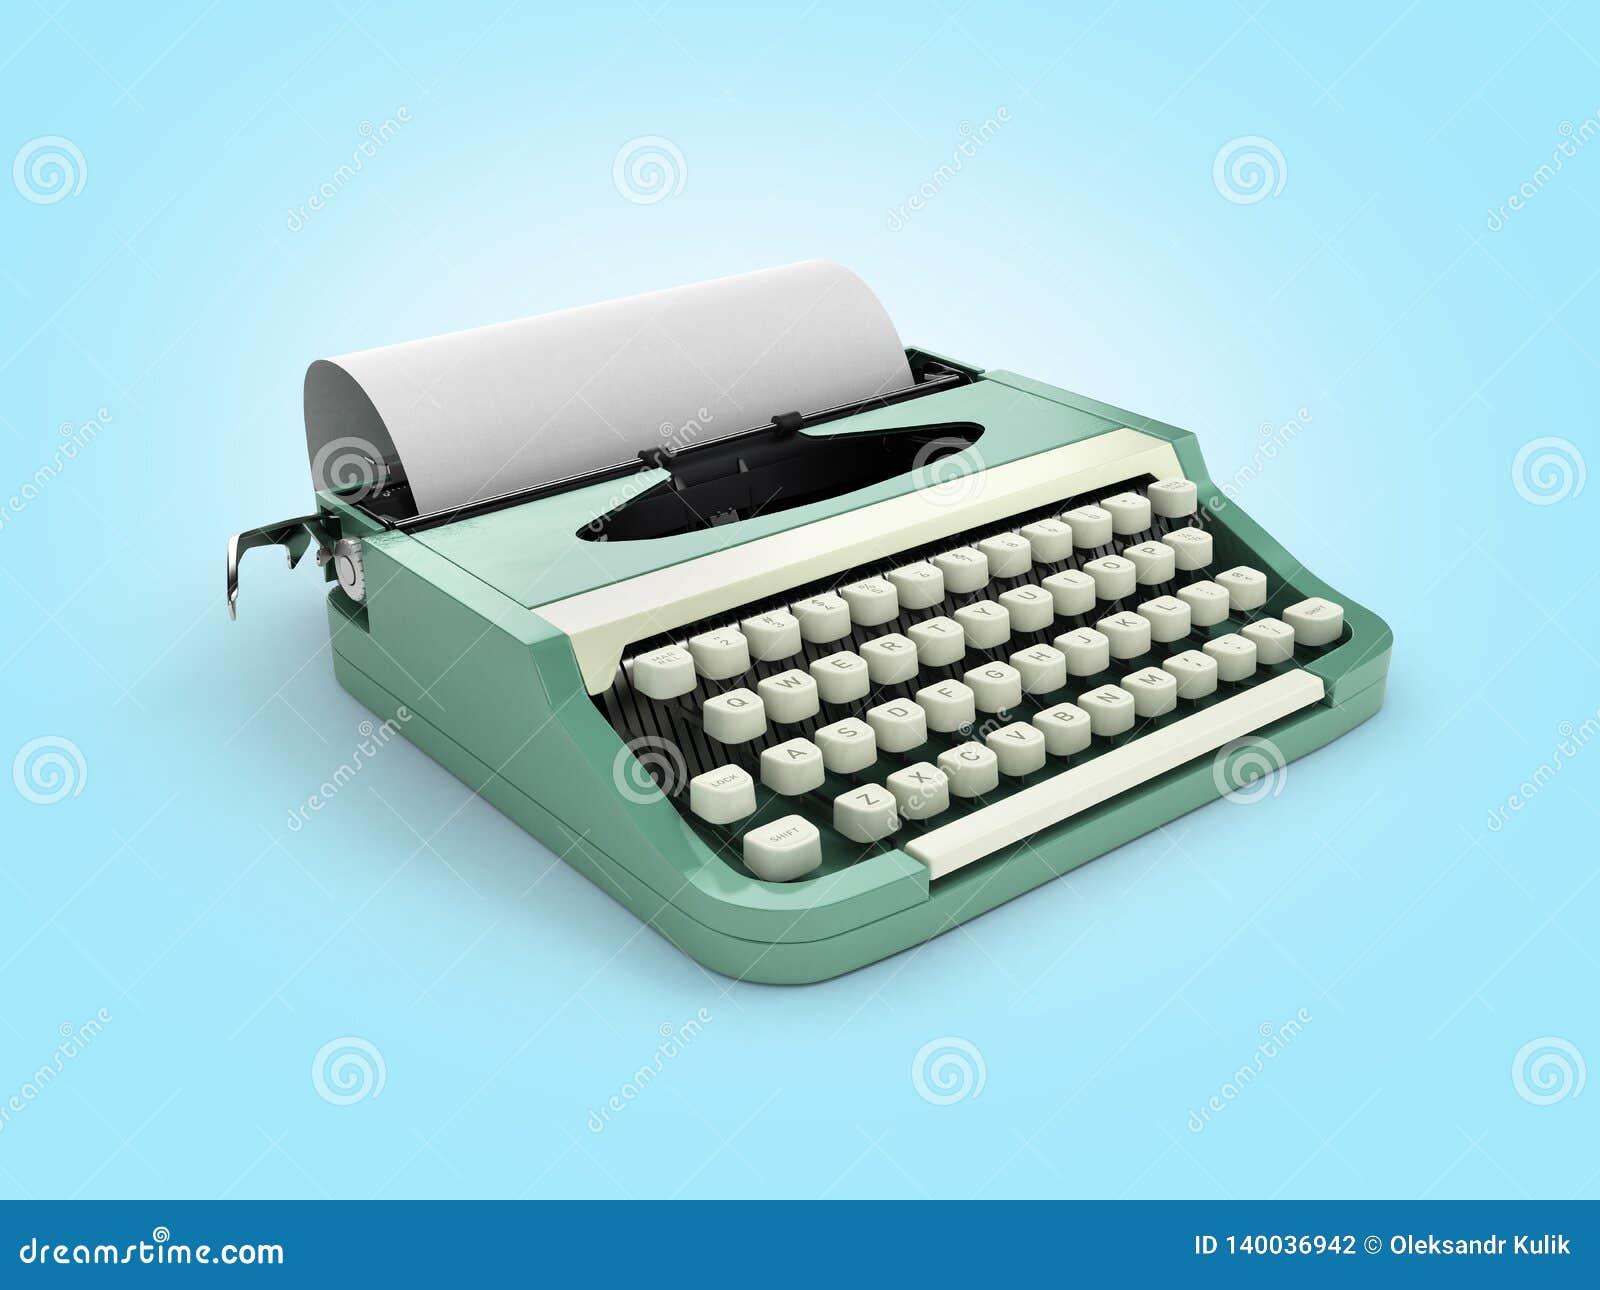 Schreibmaschine Mit Blatt Papier Perspektivenansicht über Blauen ...